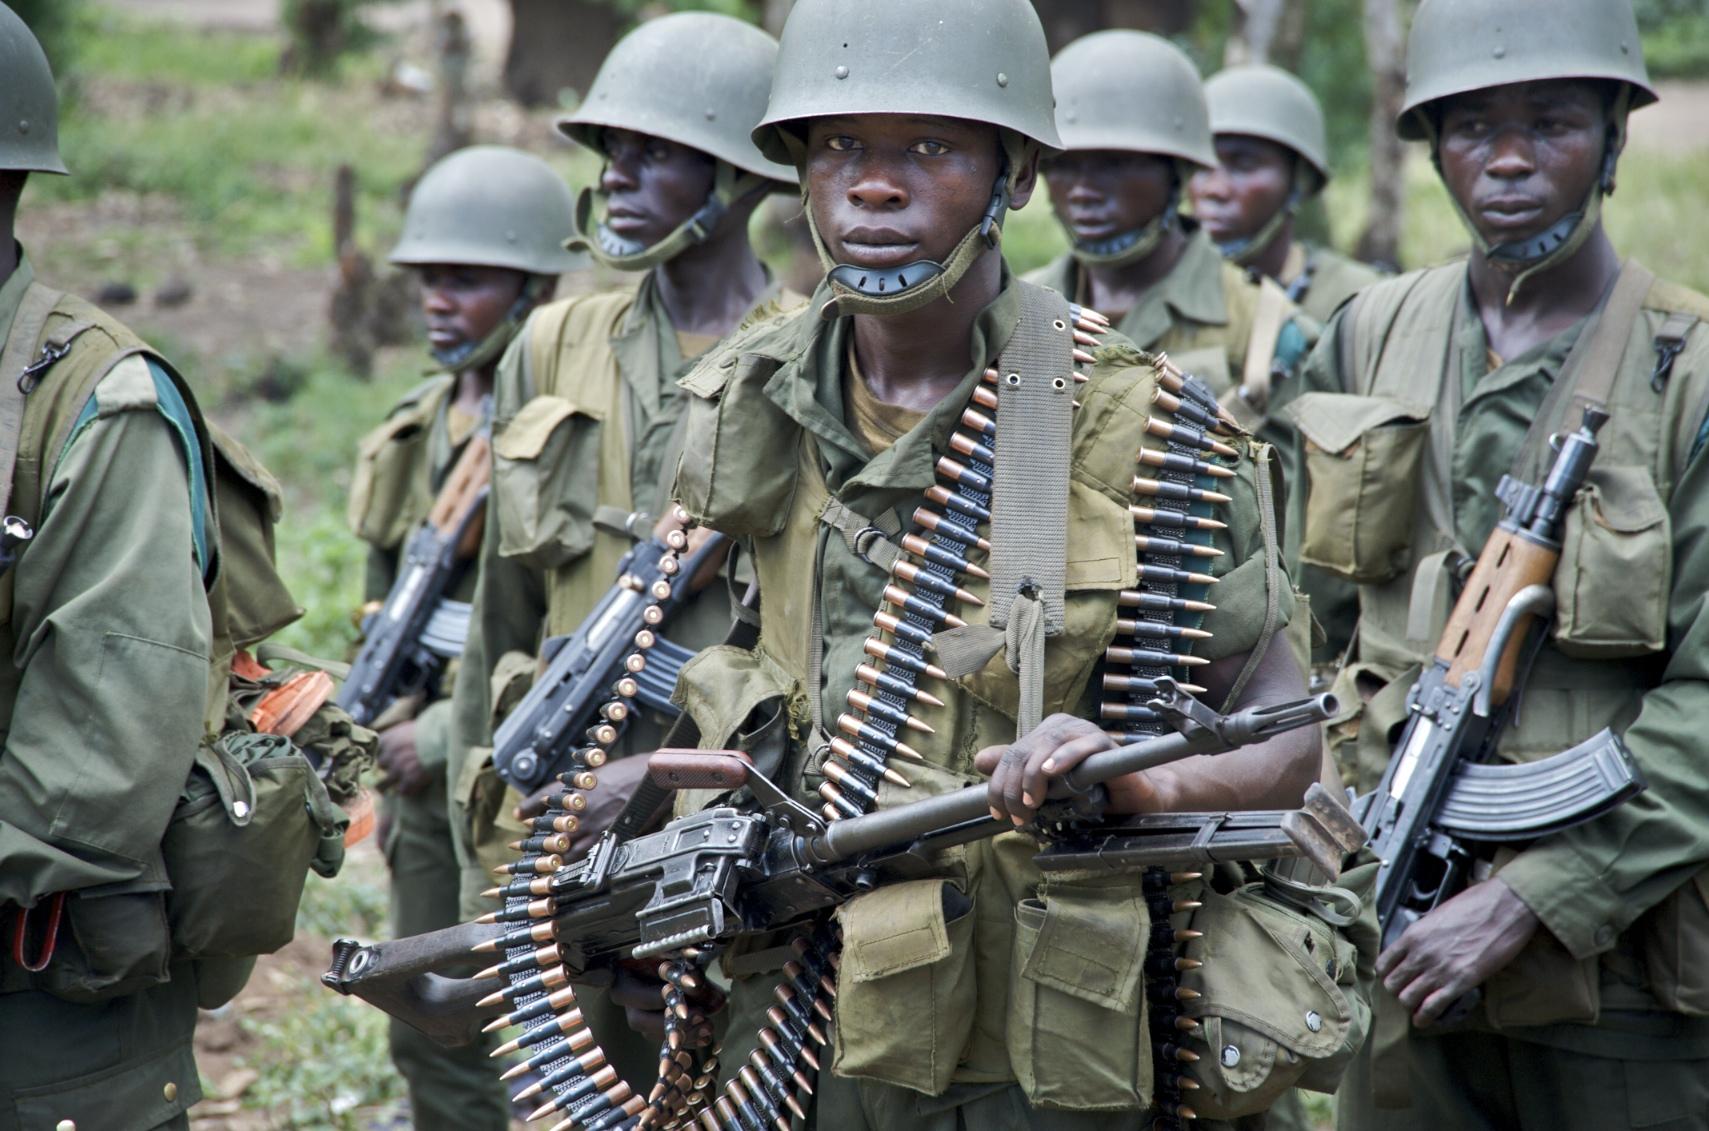 Government soldiers during training, Rutshuru, Democratic Republic of Congo